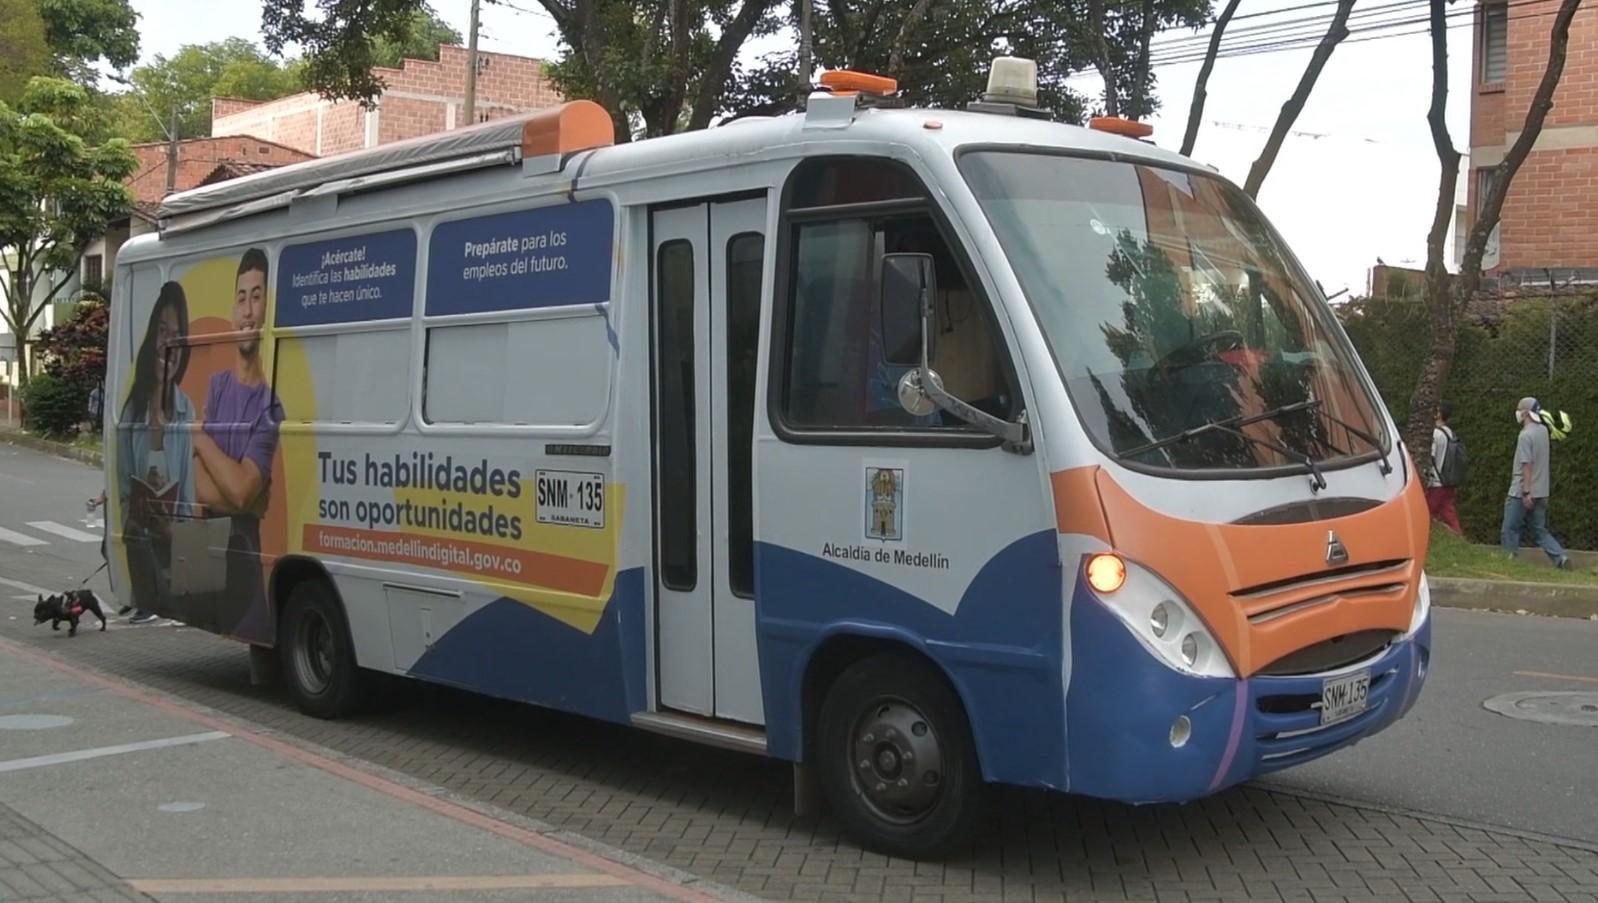 Más de 11.000 personas de Medellín serán formadas para empleos del futuro